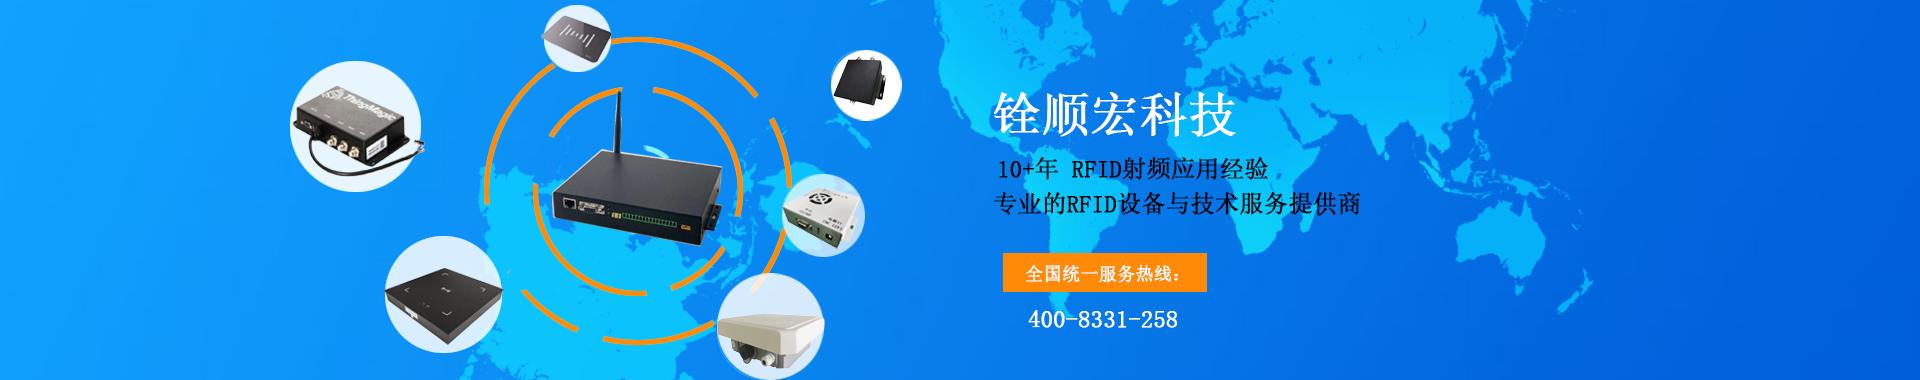 超高频RFID读写器,打印机,RFID门禁通道机提供商-深圳铨顺宏